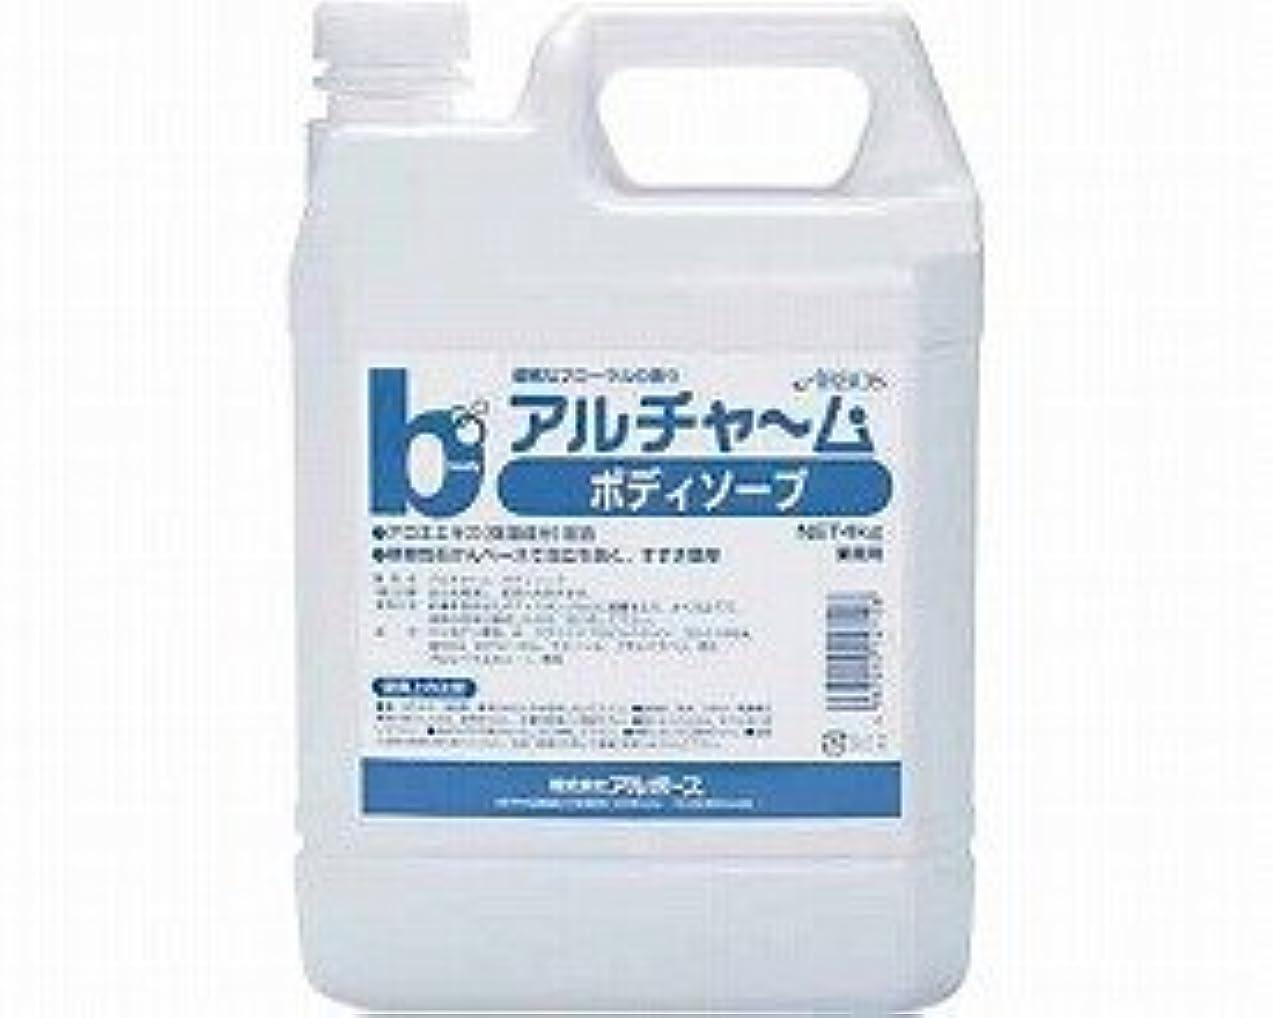 宇宙の一時的アルチャーム ボディソープ 4kg (アルボース) (清拭小物)